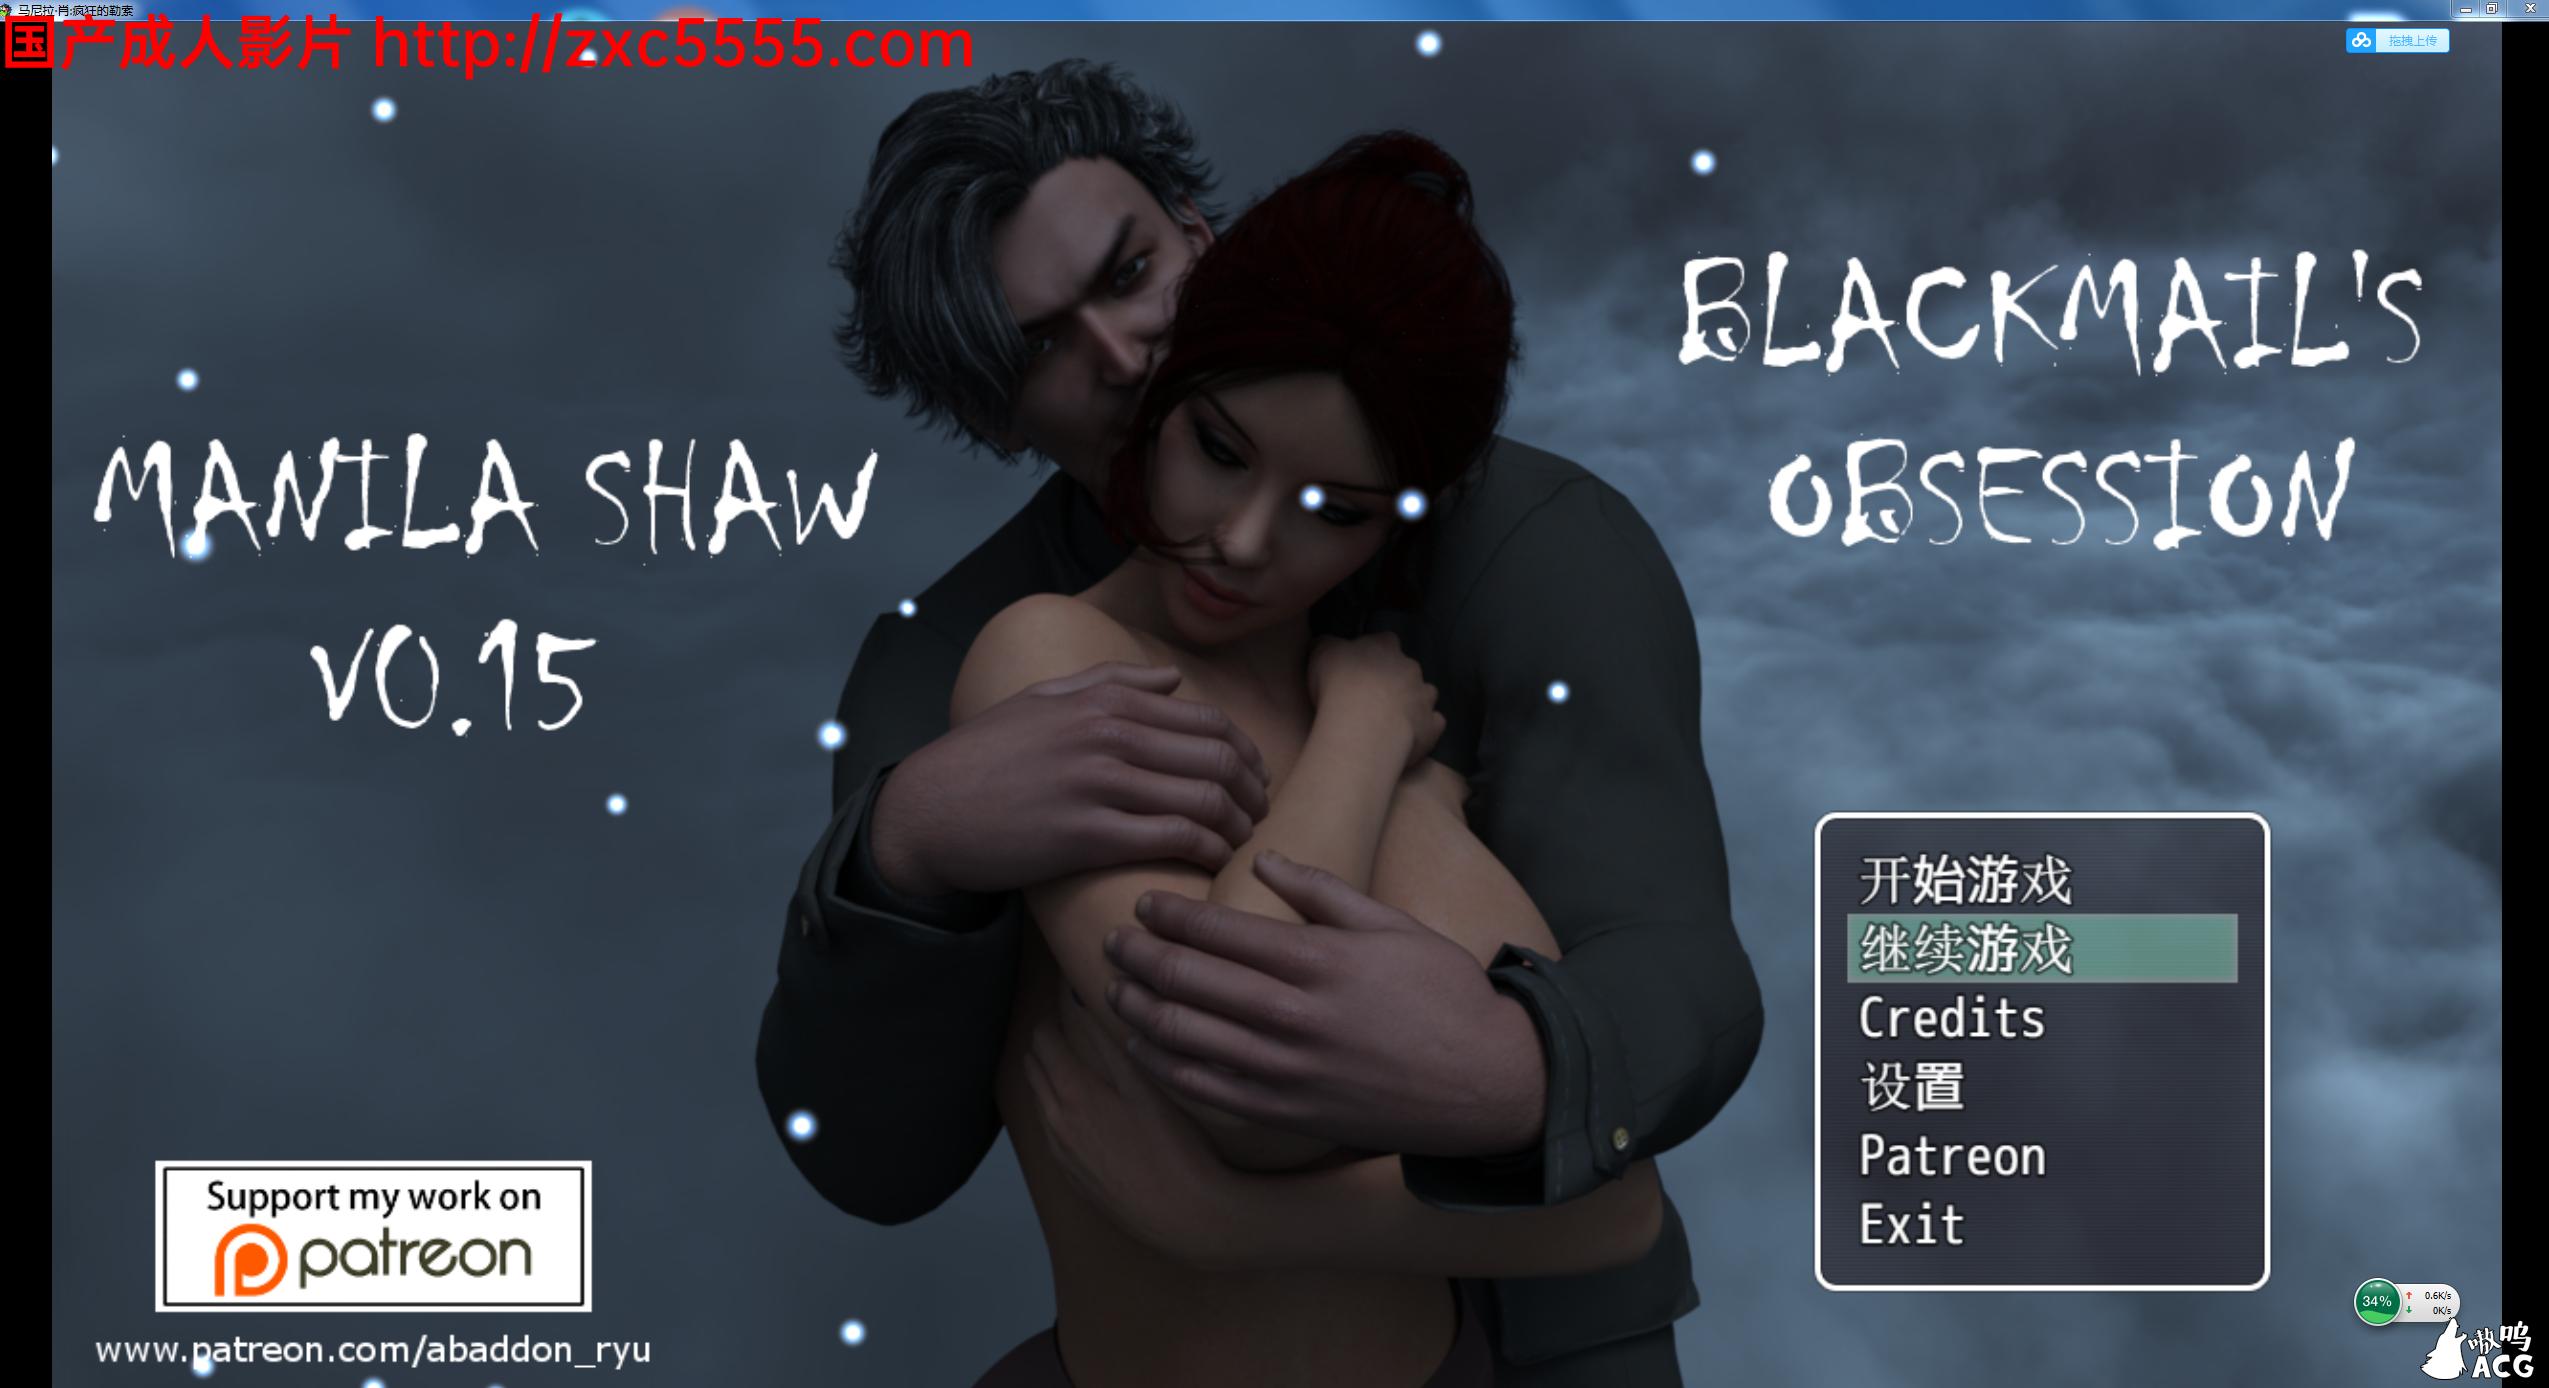 【SLG/更新】Manila Shaw 女警马妮娜:讹诈 (马尼拉·肖 痴迷的勒索)!0.15汉化版